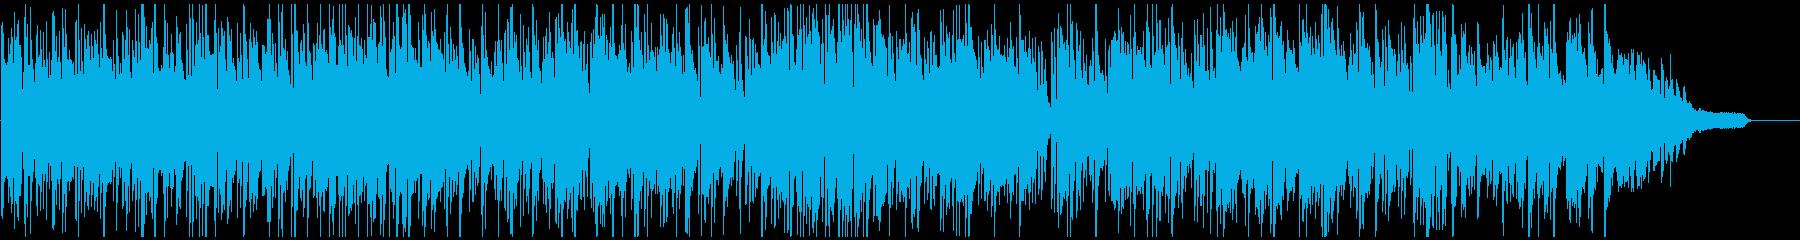 軽快ボサノバ・ジャズ、爽やかサックスの再生済みの波形